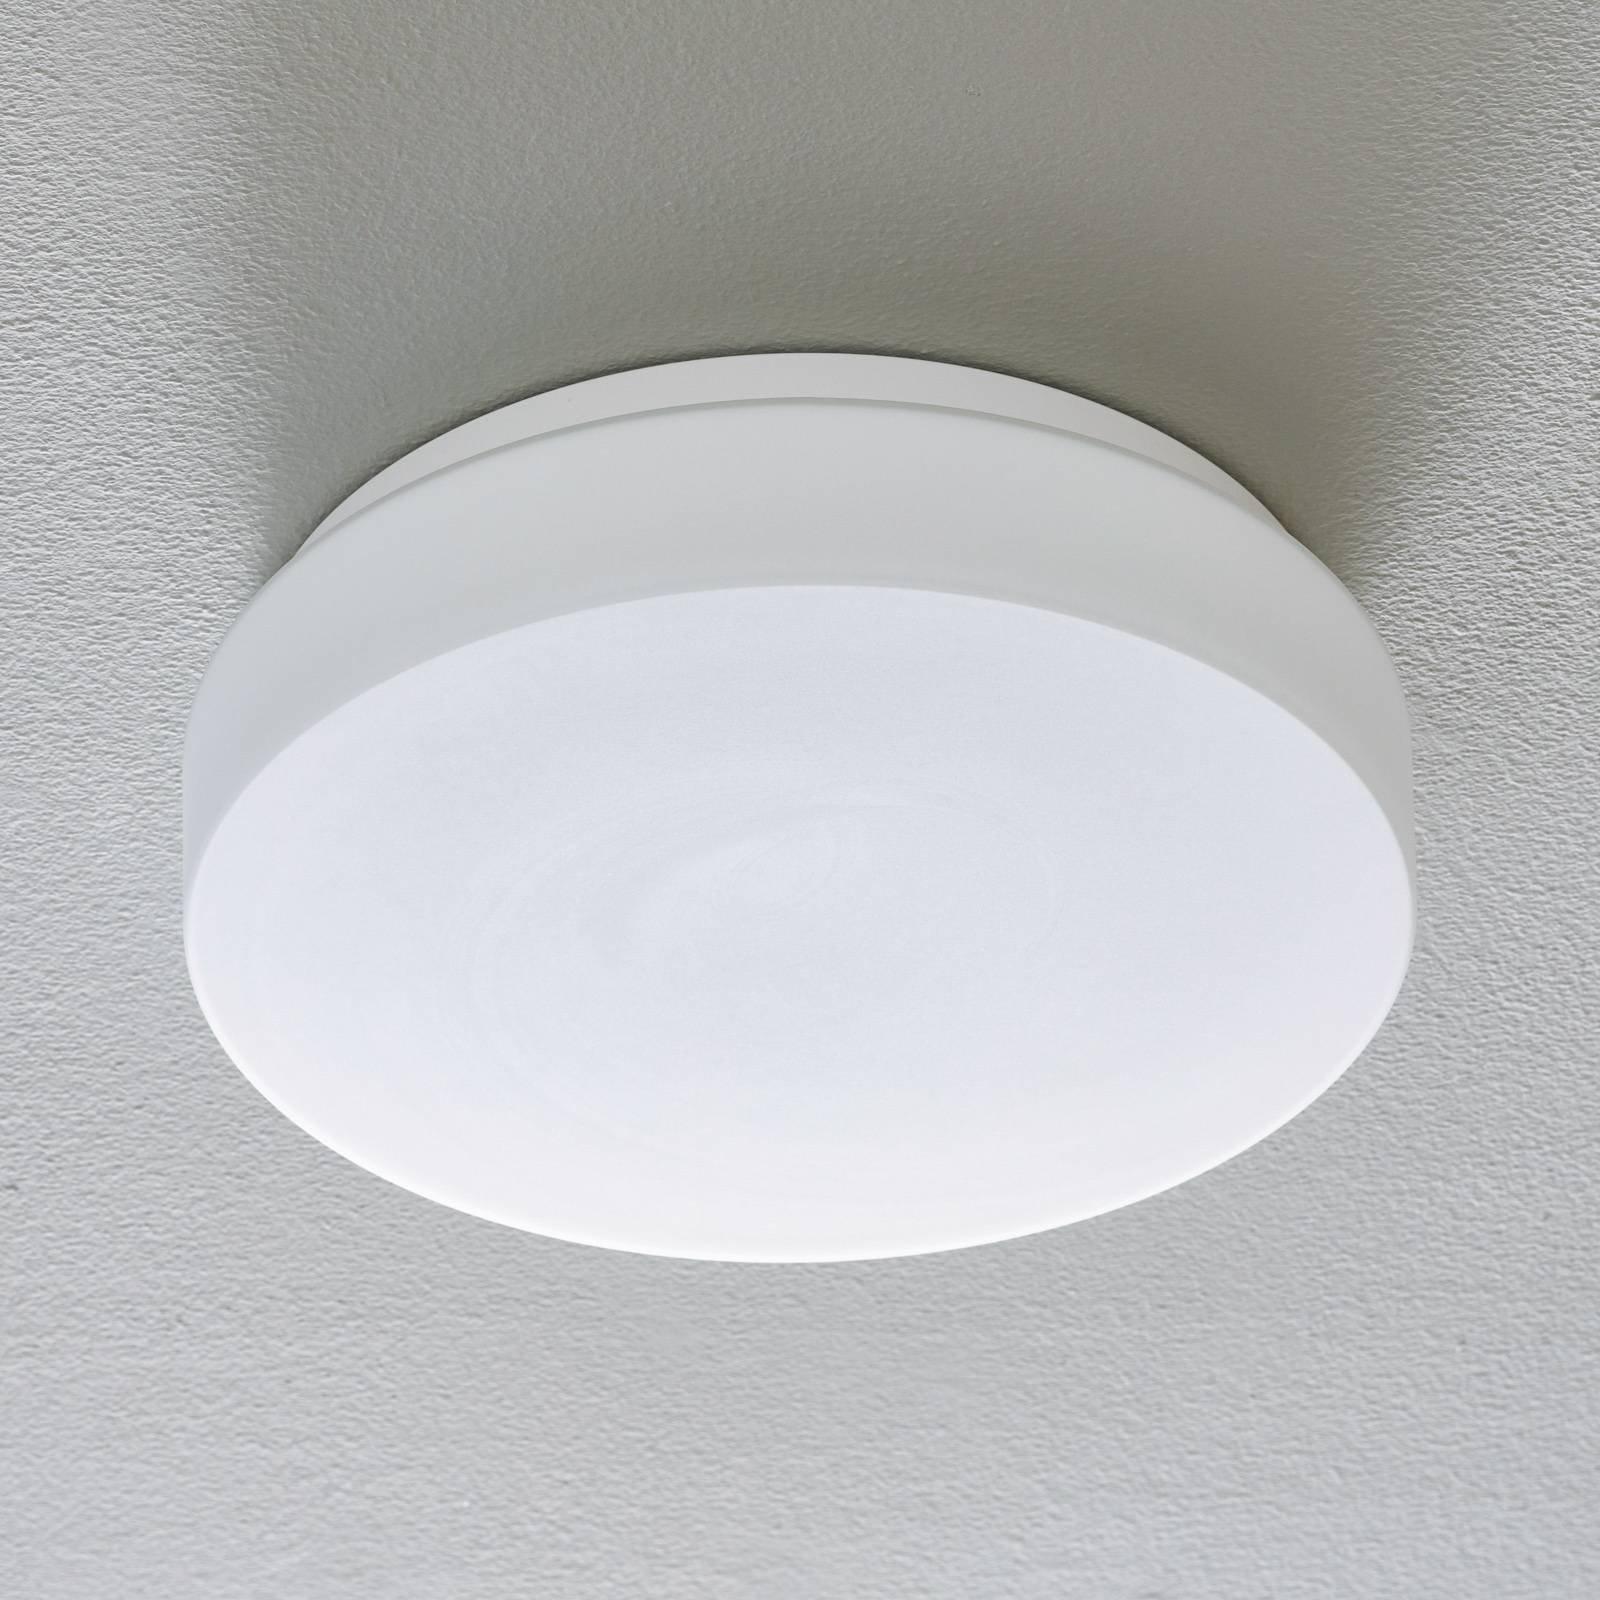 BEGA 50079 LED-taklampe DALI 3 000 K Ø34cm